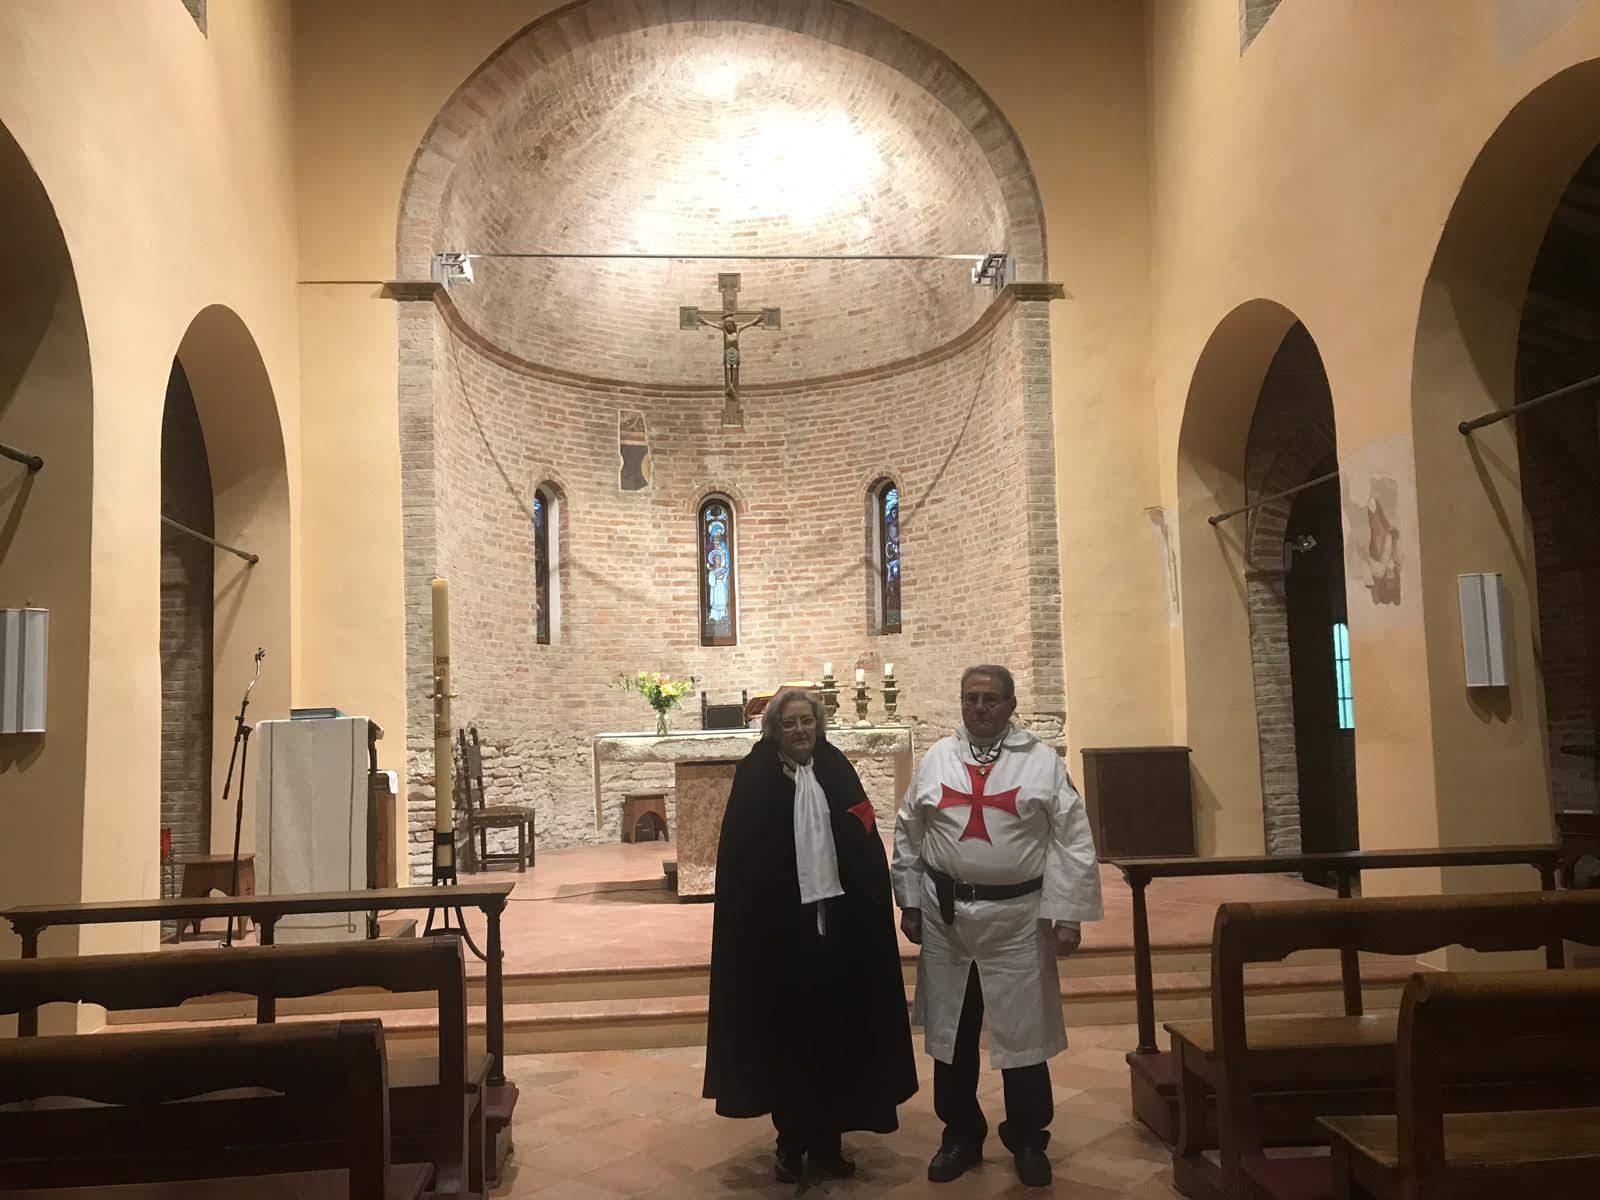 Custodia della Pieve di Santa Maria in acquedotto – Forlì – 12 mag. 2019